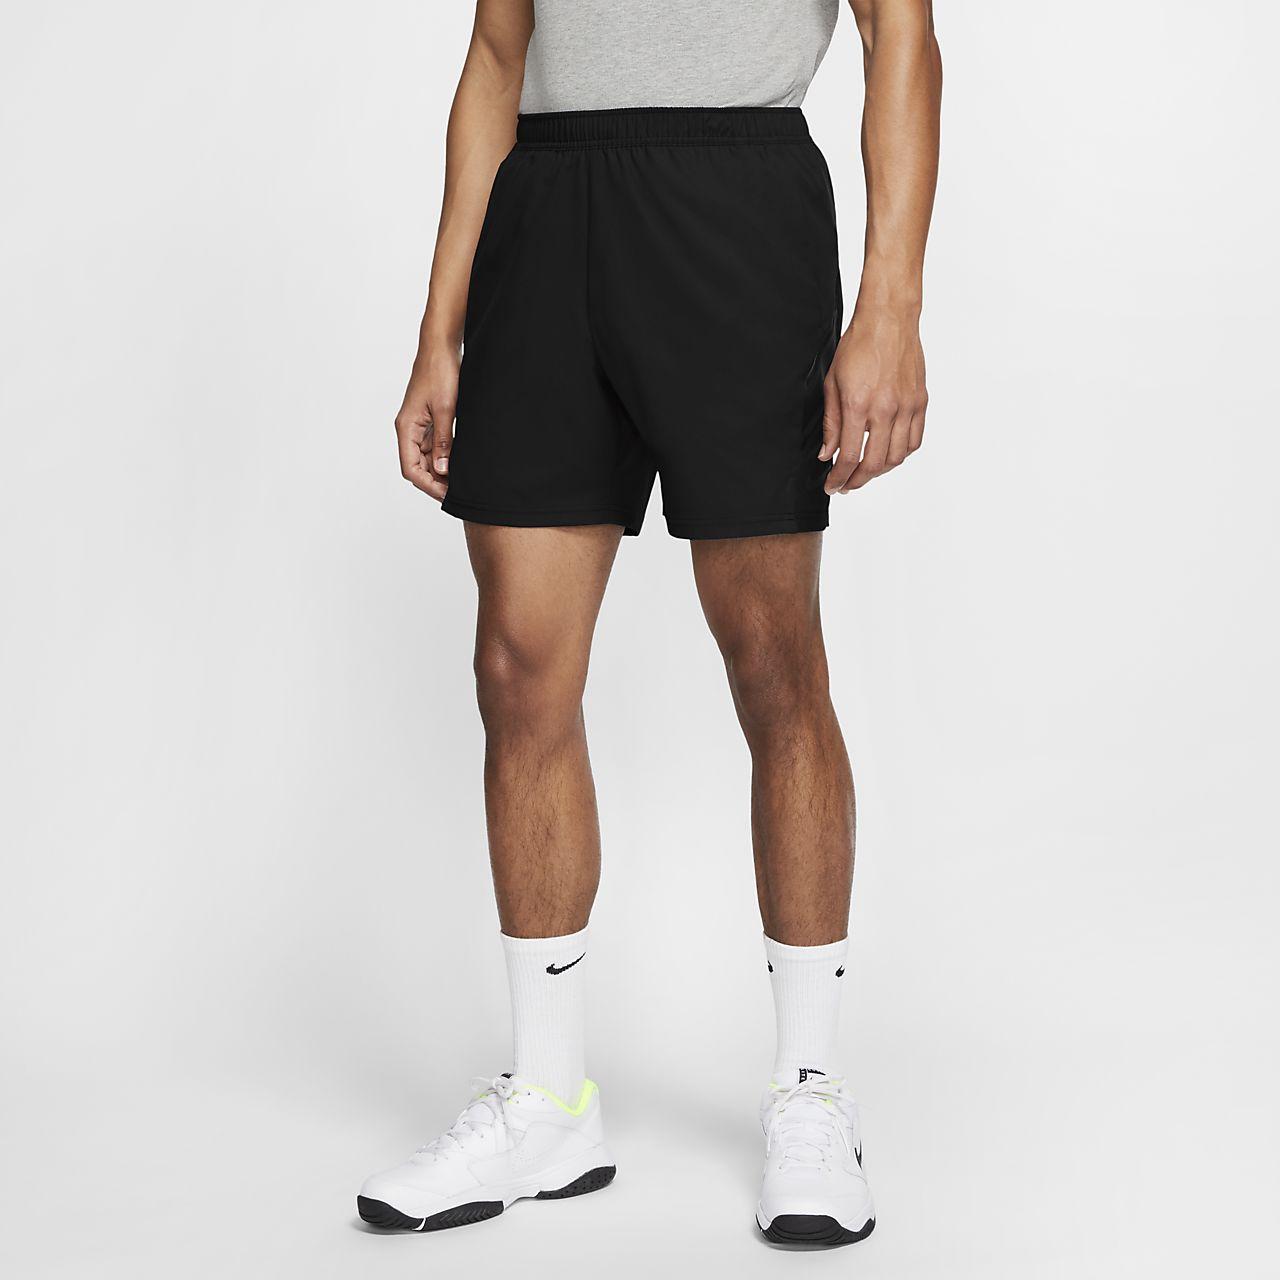 Pour Fit Short Homme Dri Tennis De Nikecourt R5LAjq34